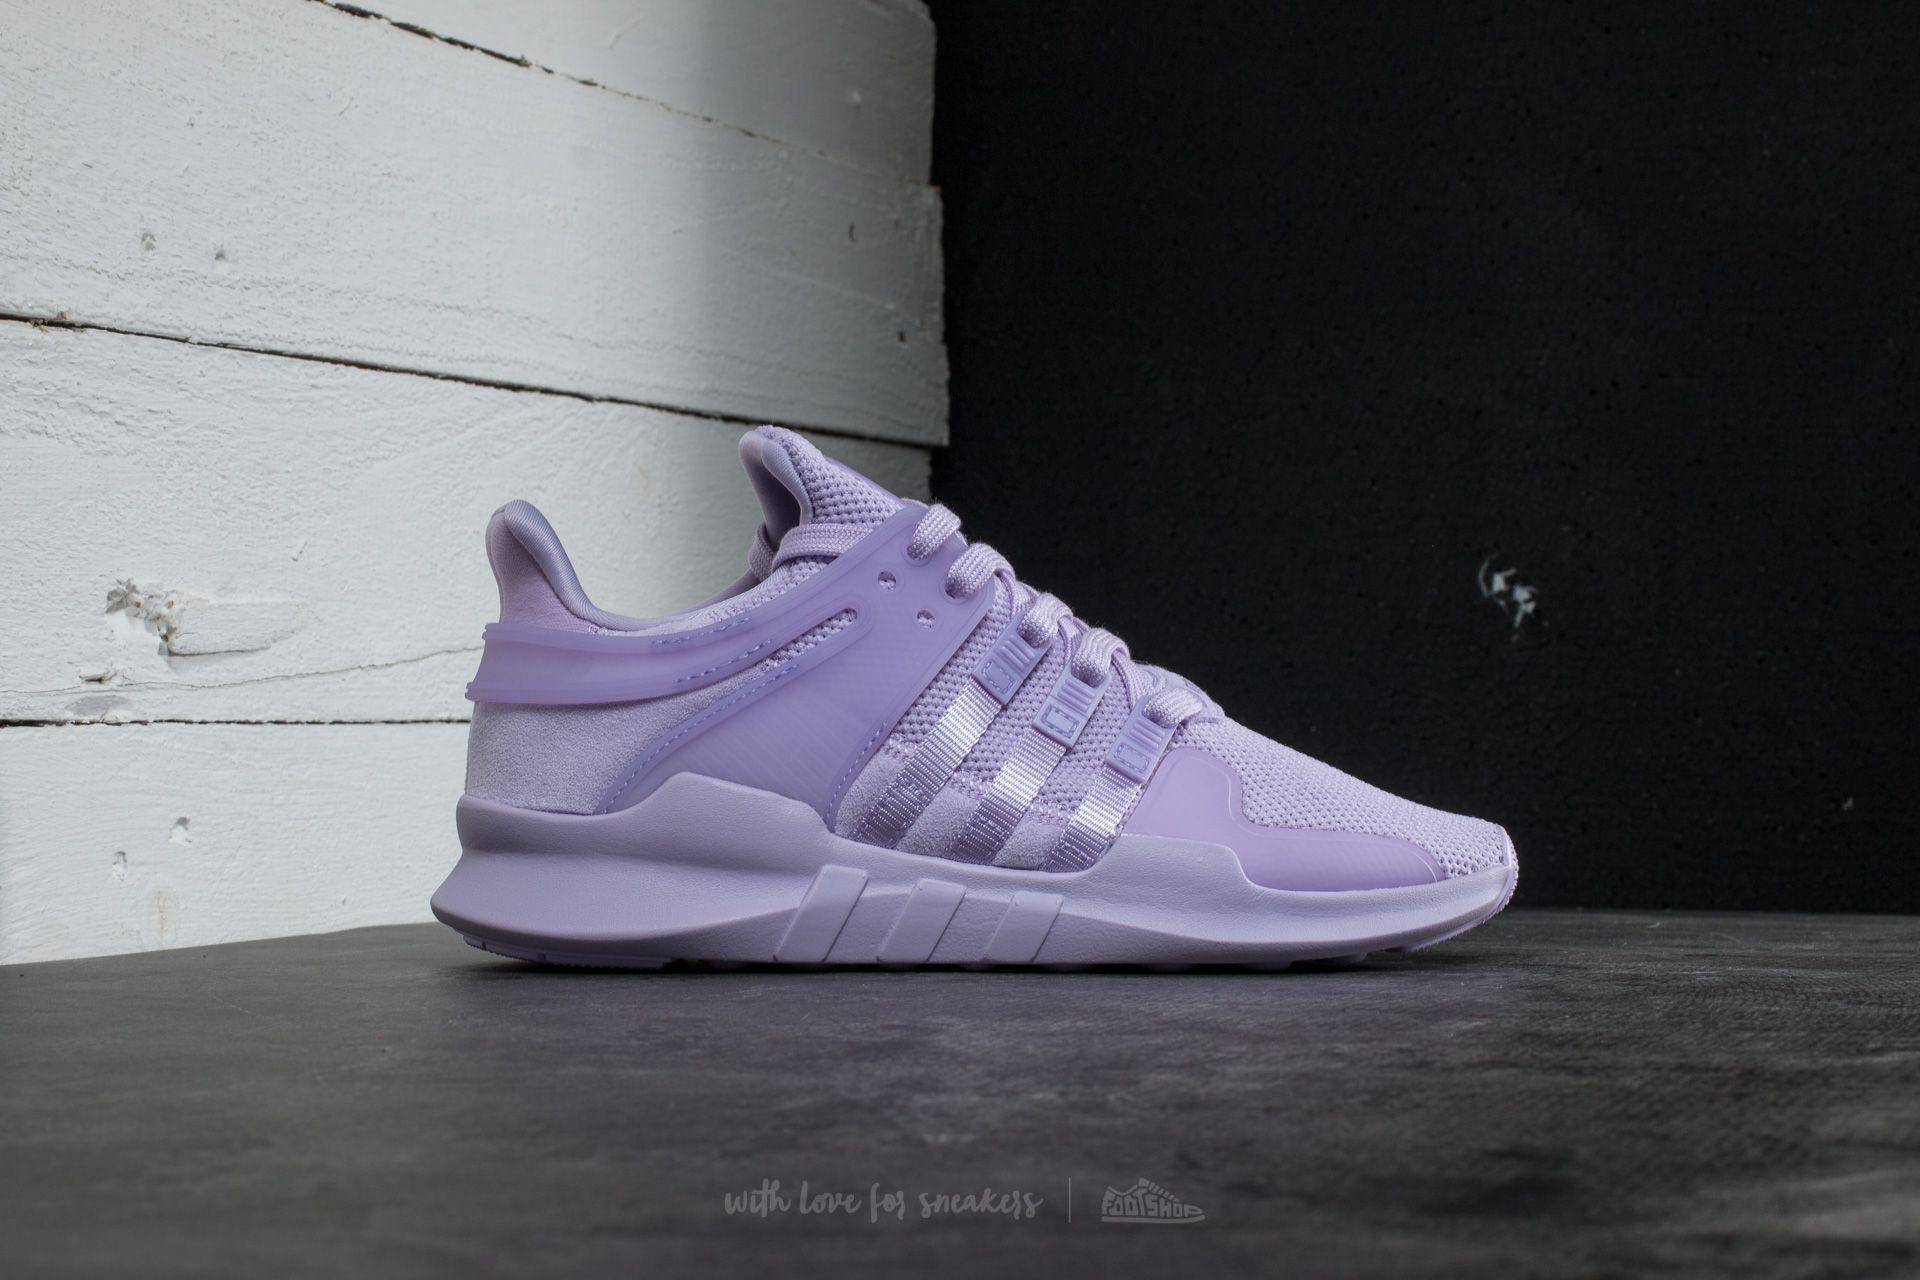 Adidas Eqt Support Adv W Purple Glow/ Purple Glow/ Sub Green